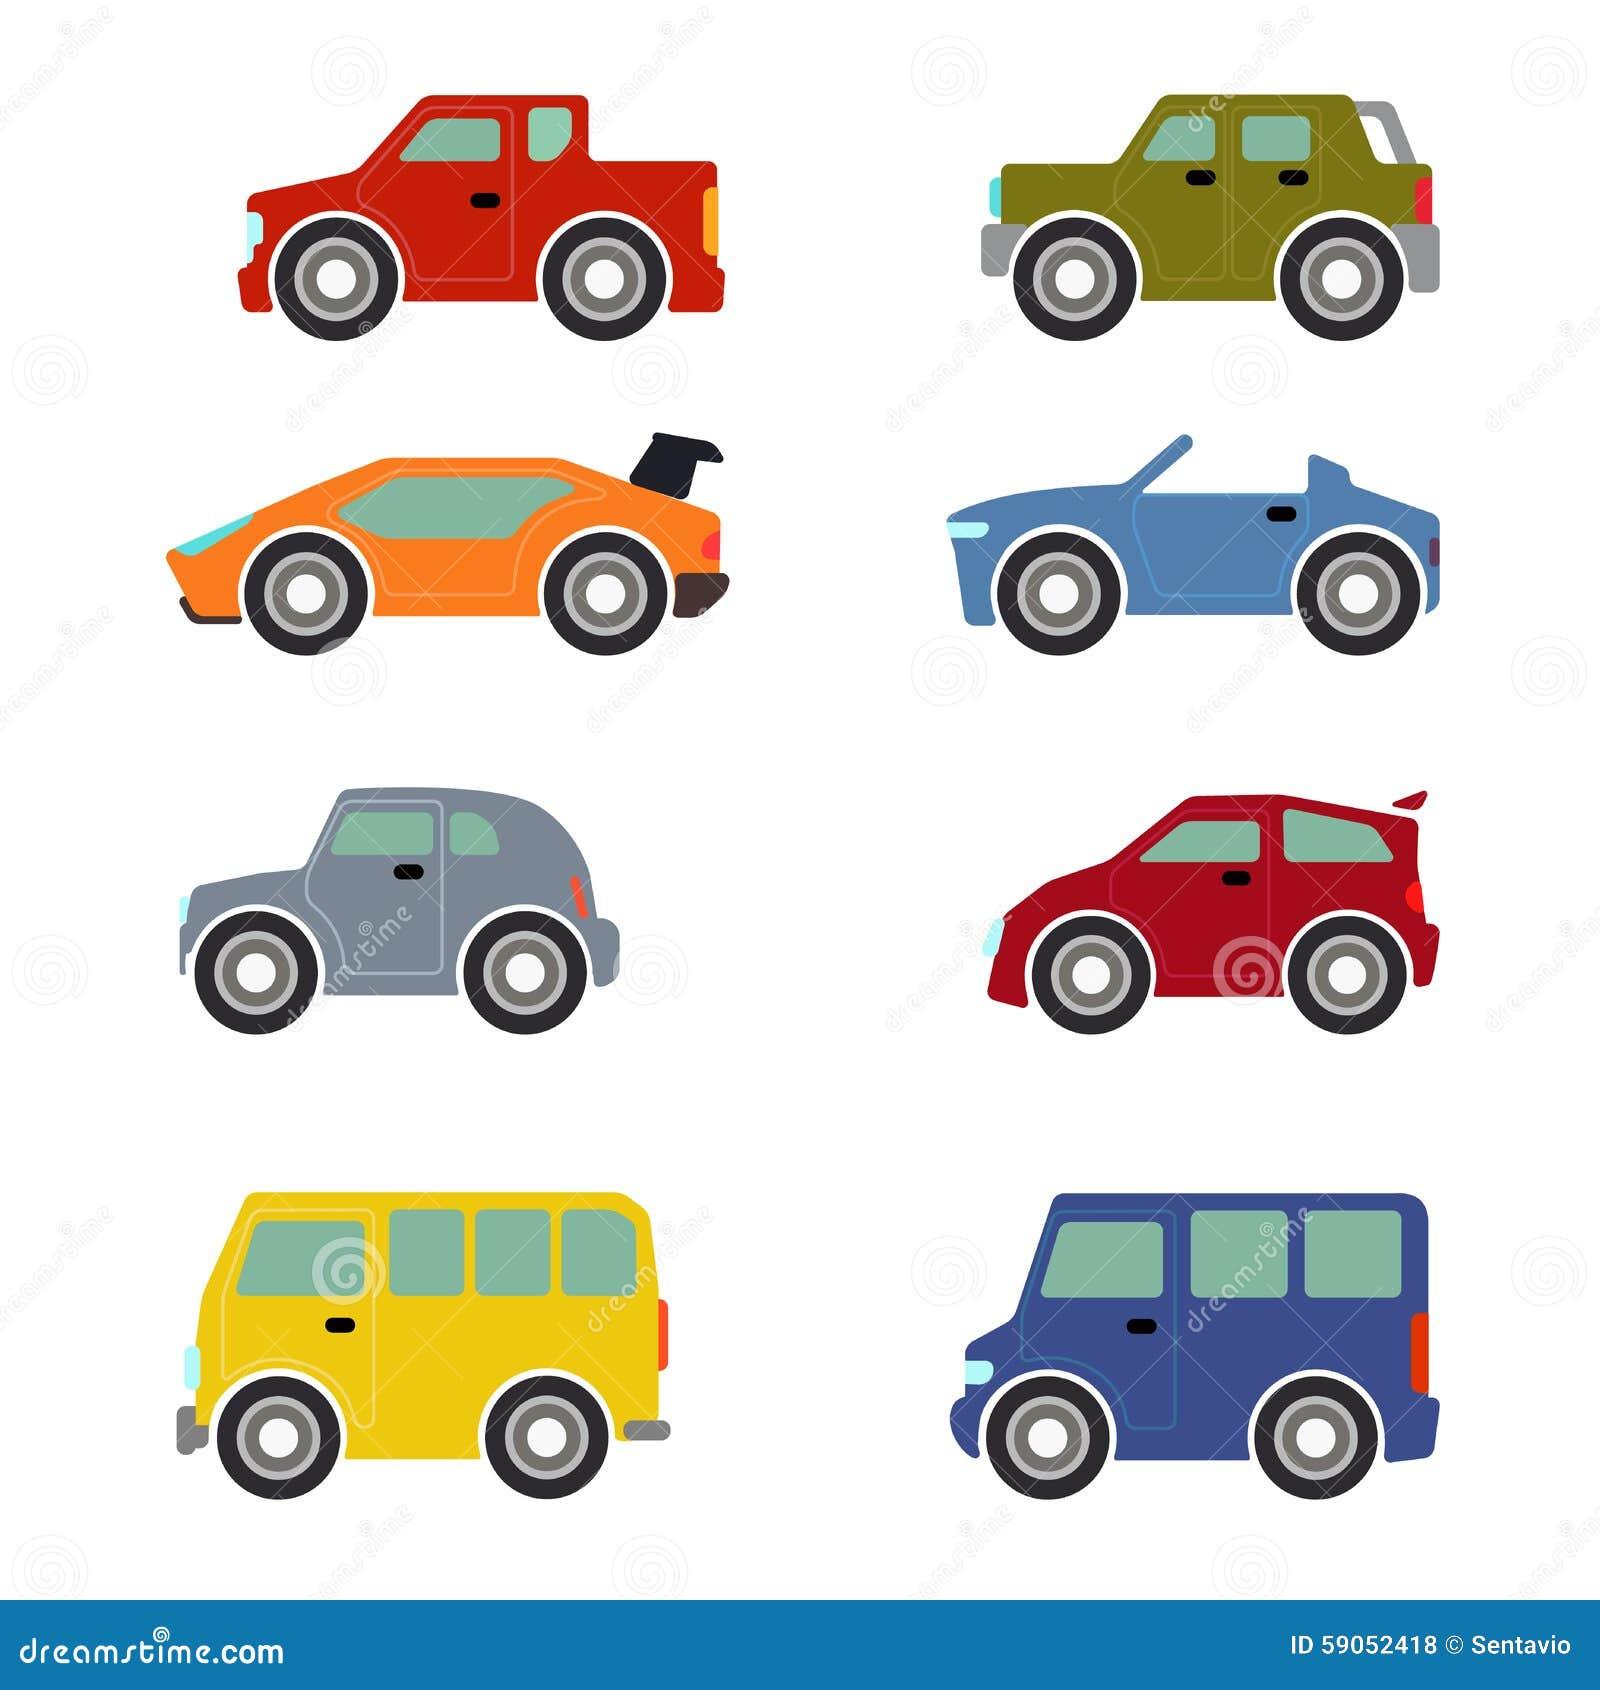 Flat Funy Cartoon City Transport Icon Set Cars Stock